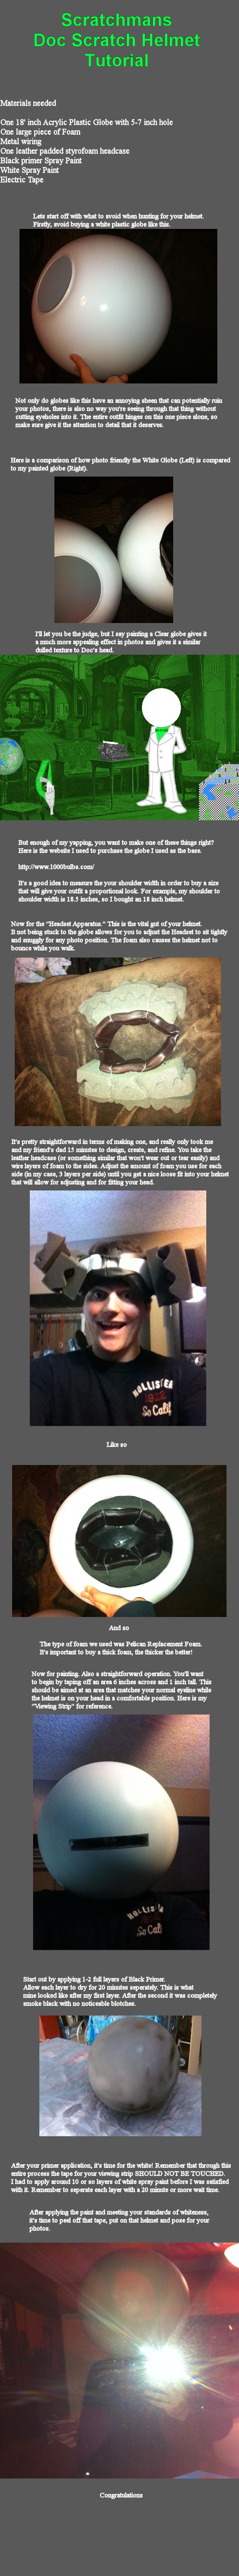 Scratchman's Helmet Tutorial by ScratchTheMan